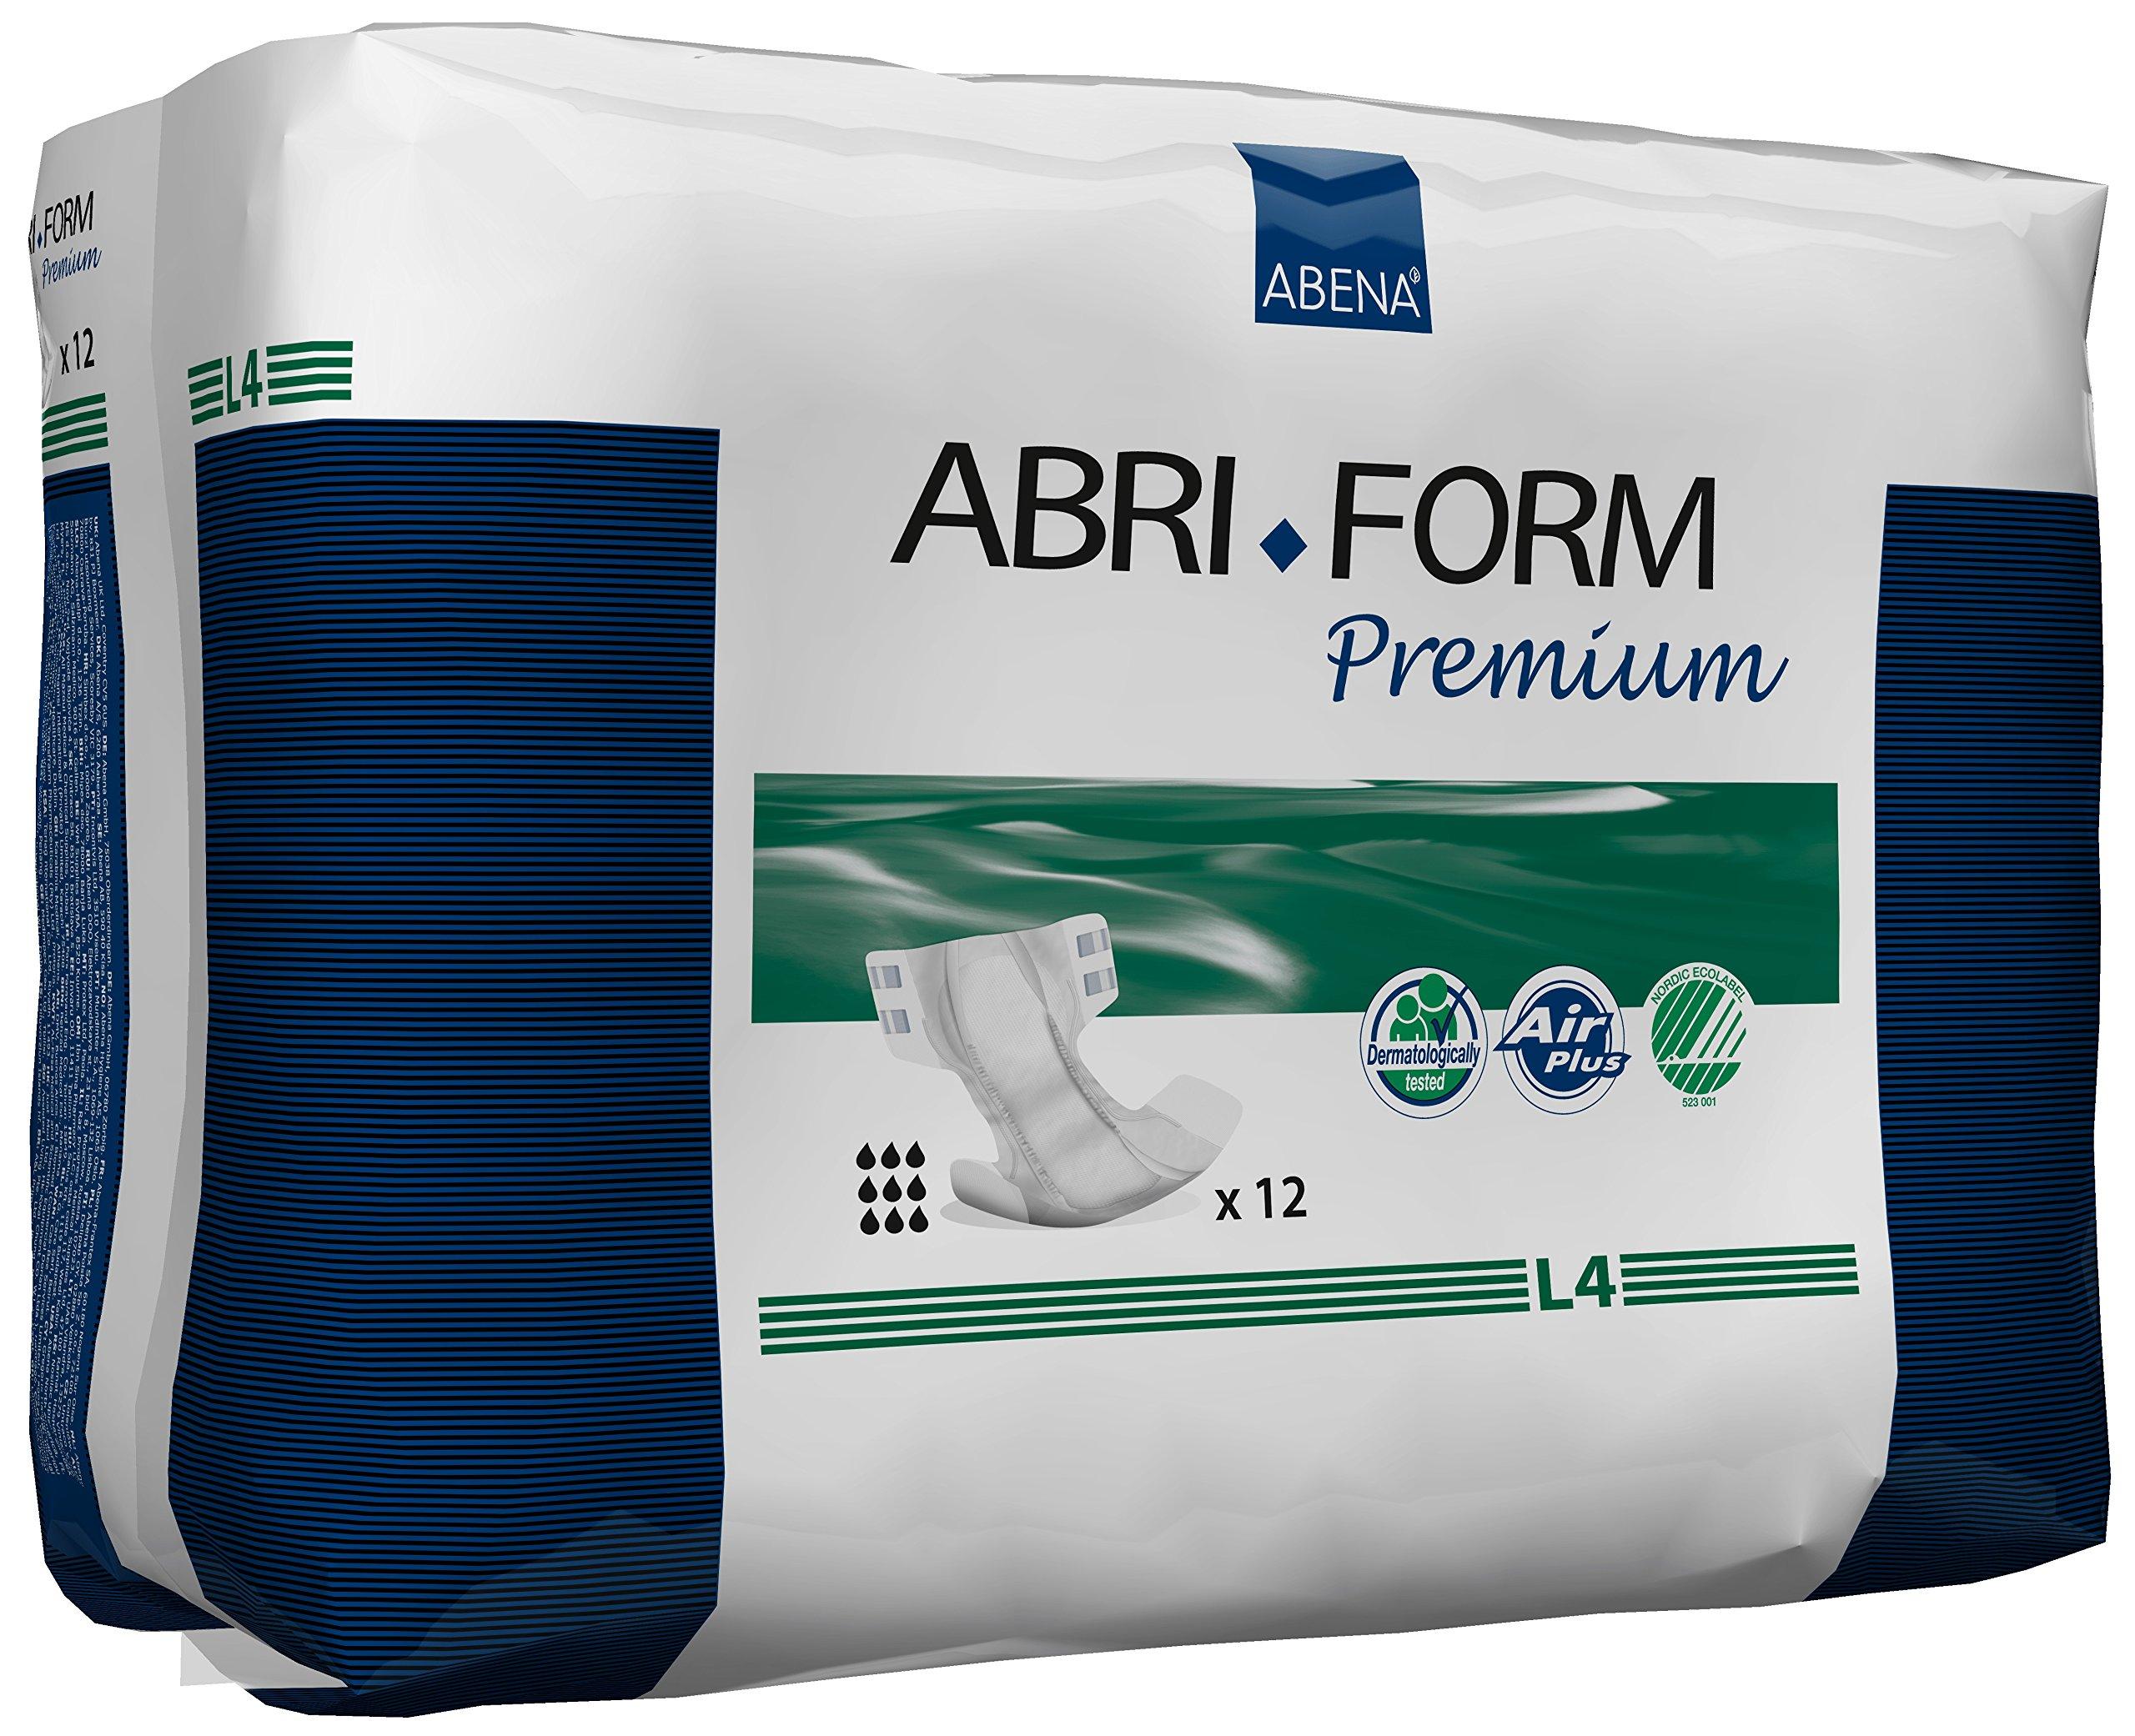 Abena Abri-Form Premium Incontinence Briefs, Large, L4, 96 Count (2 Cases of 48)